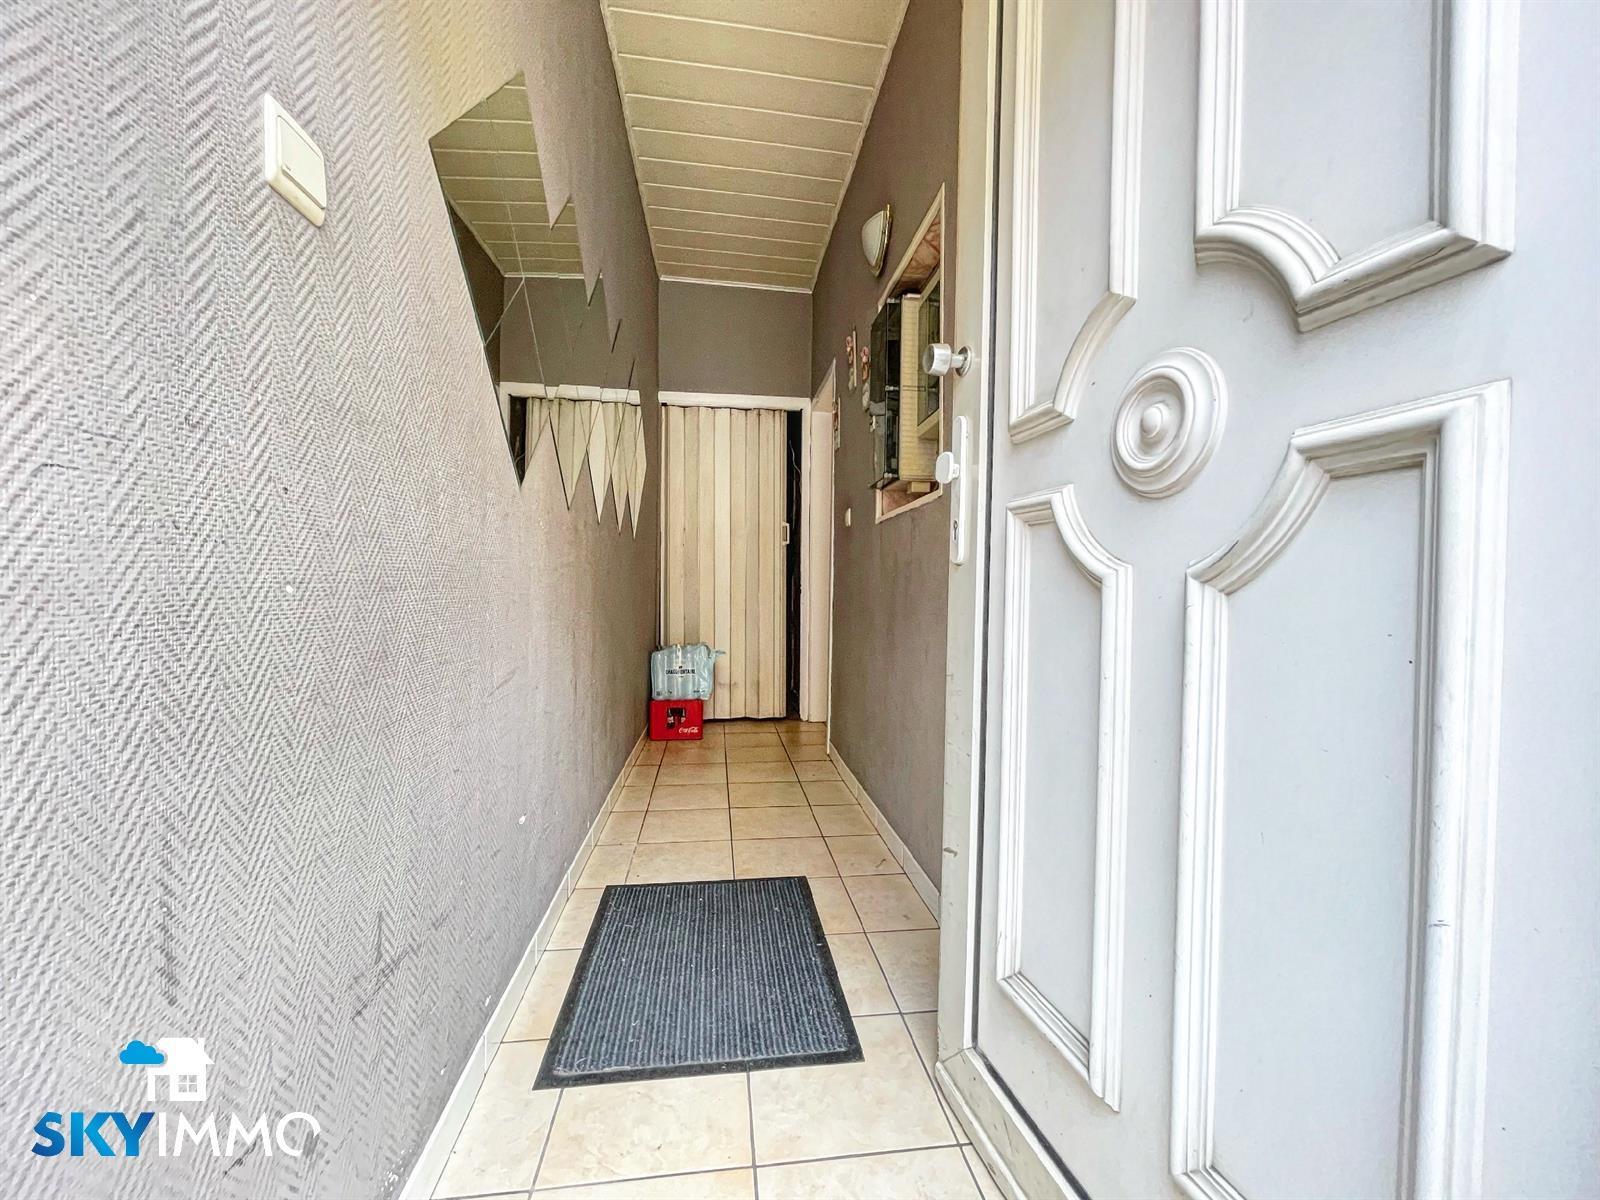 Maison - Seraing - #4359083-1